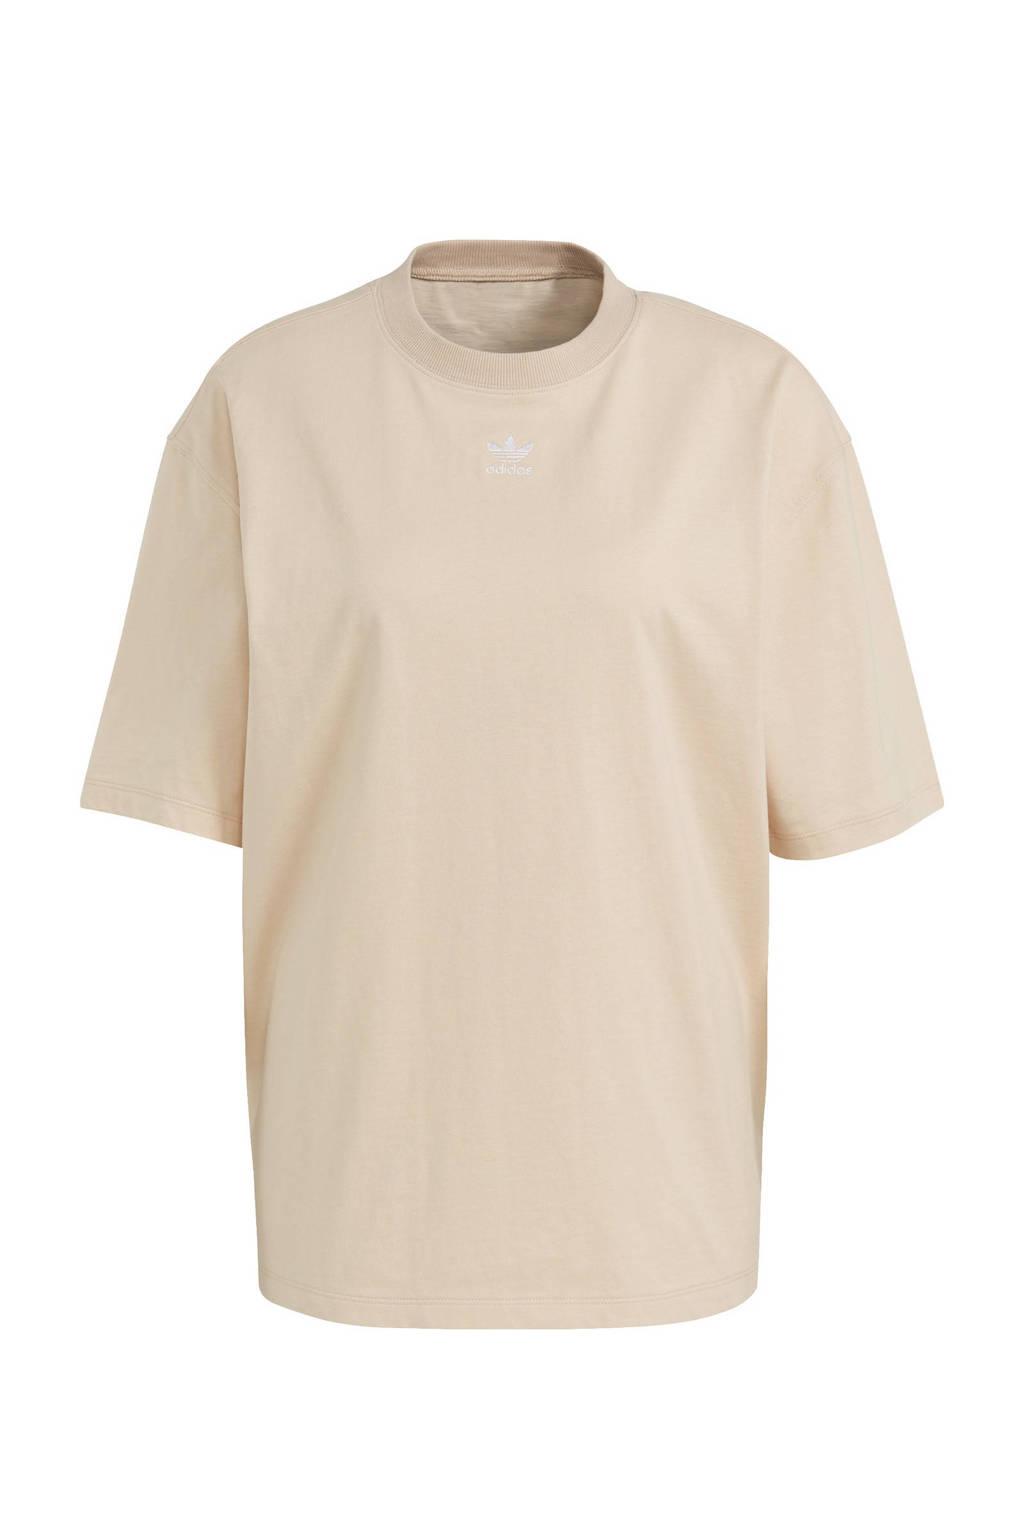 adidas Originals Adicolor T-shirt beige, Beige